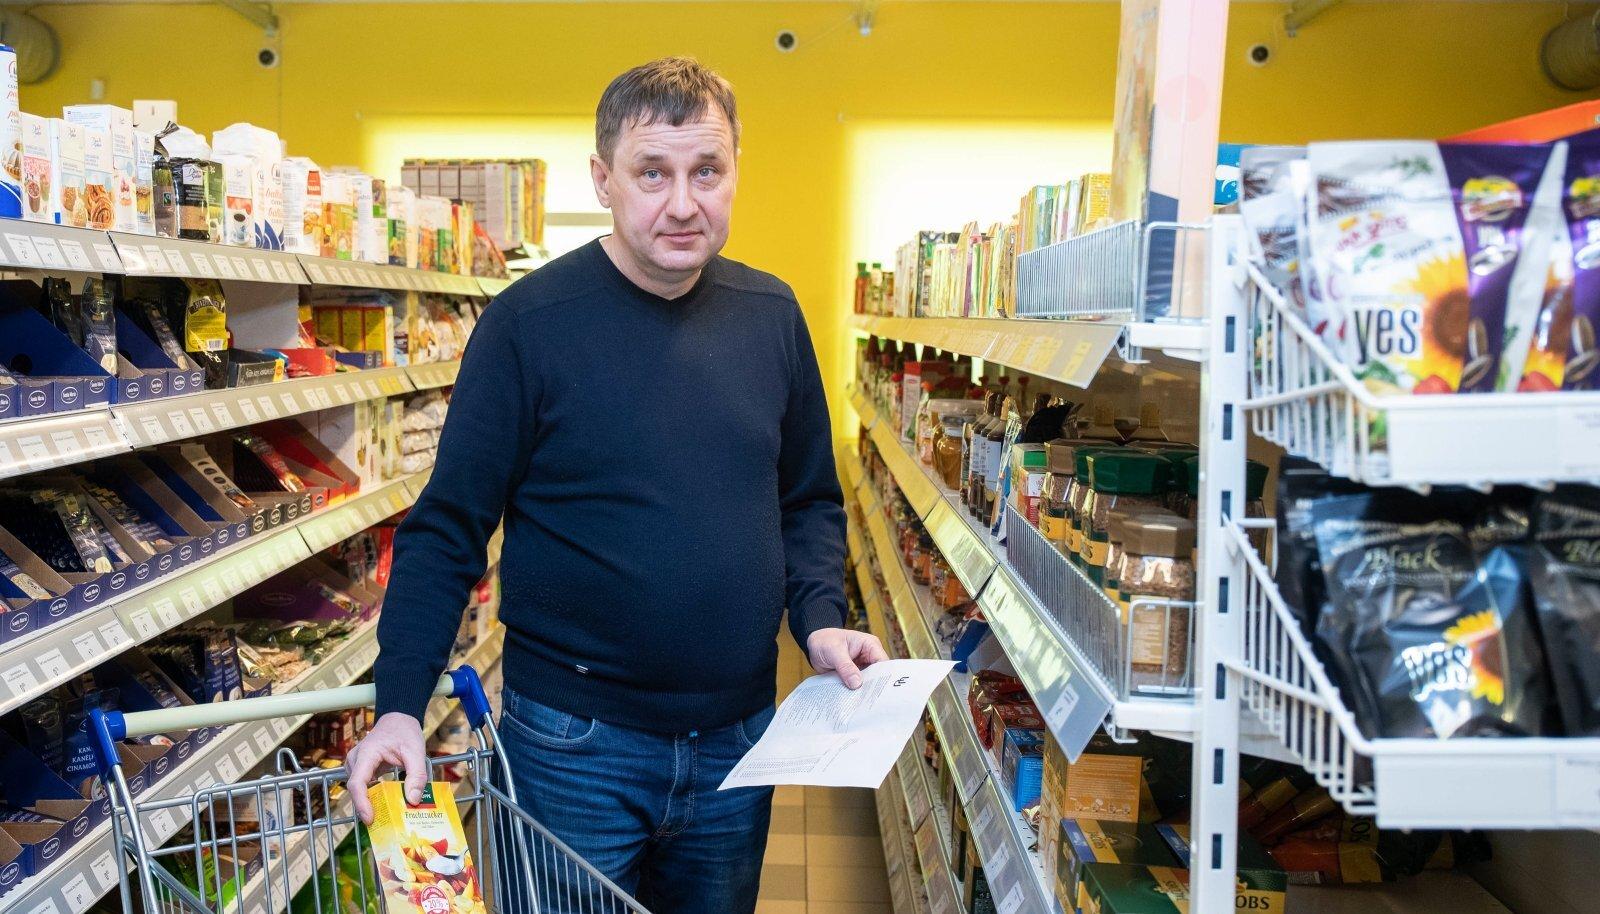 Värskas kauplust Lemmik pidav Margus Karro komplekteerib e-poe kaudu tulnud tellimust.